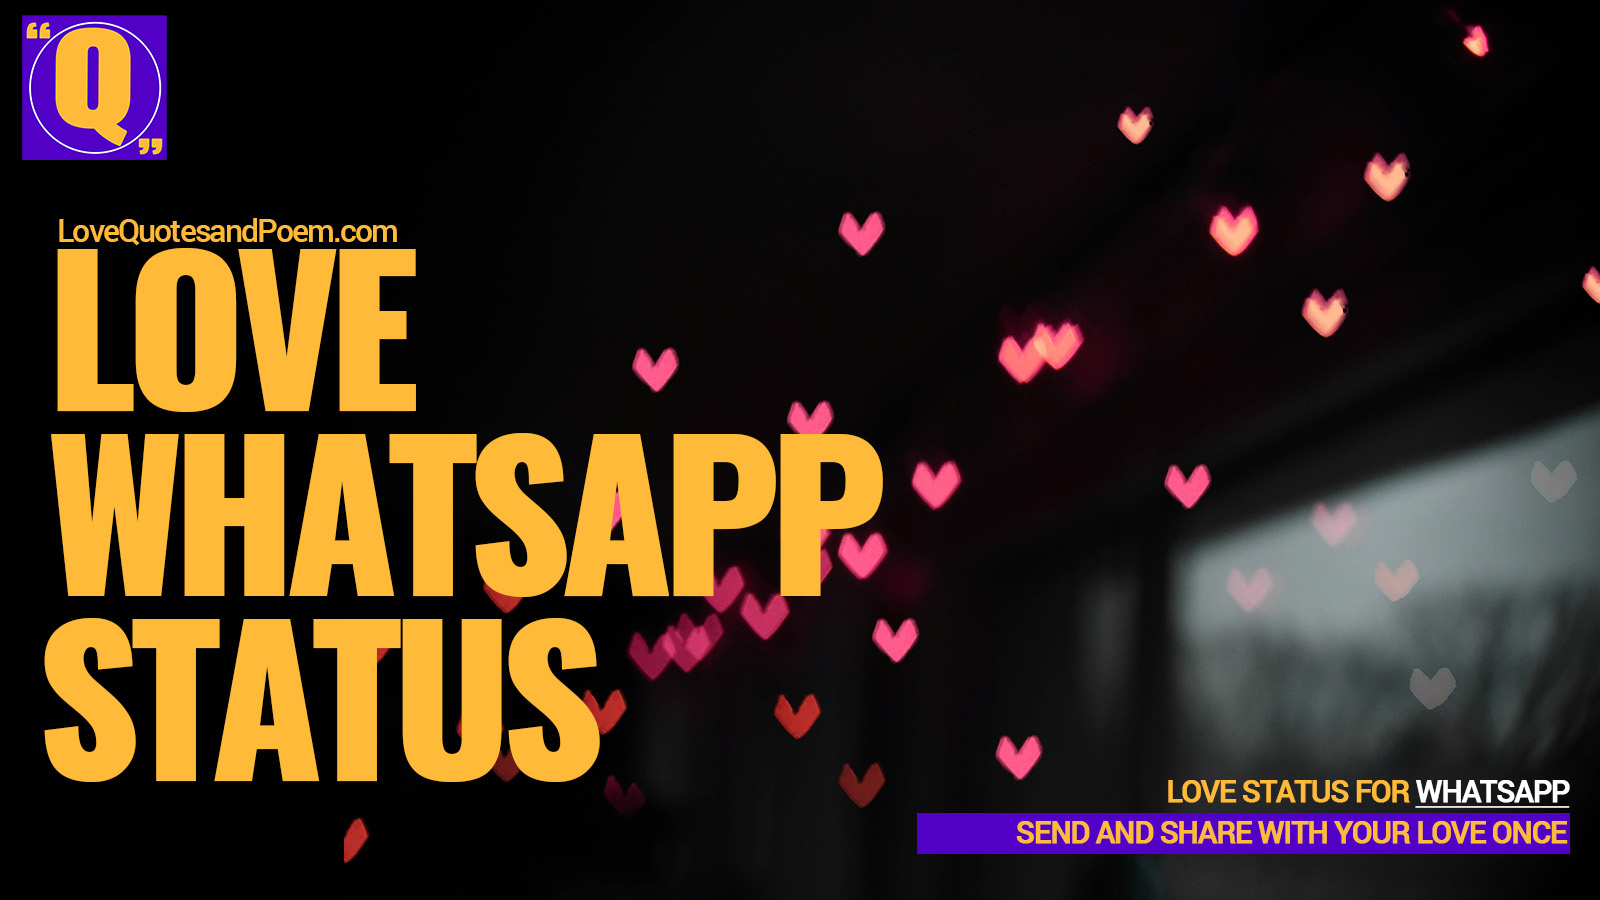 Love-Whatsapp-Status